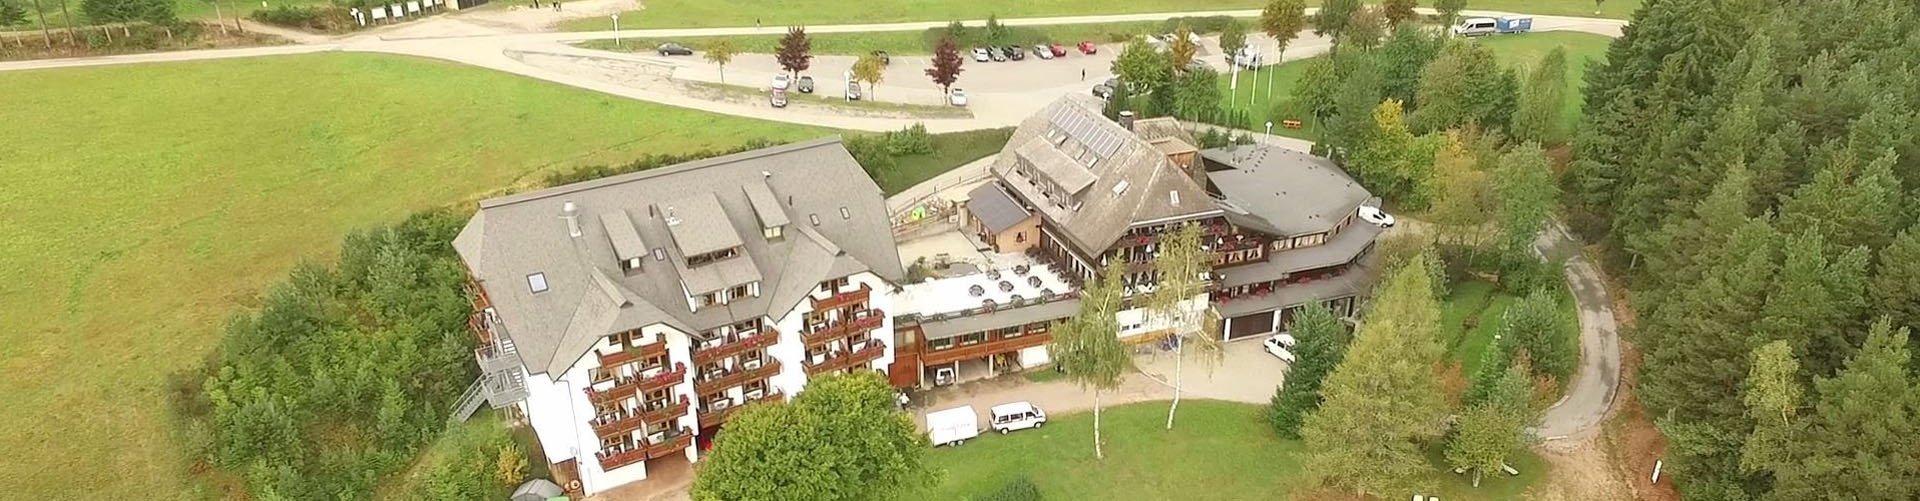 Banner Hotel Schöne Aussicht Hornberg-Niederwasser